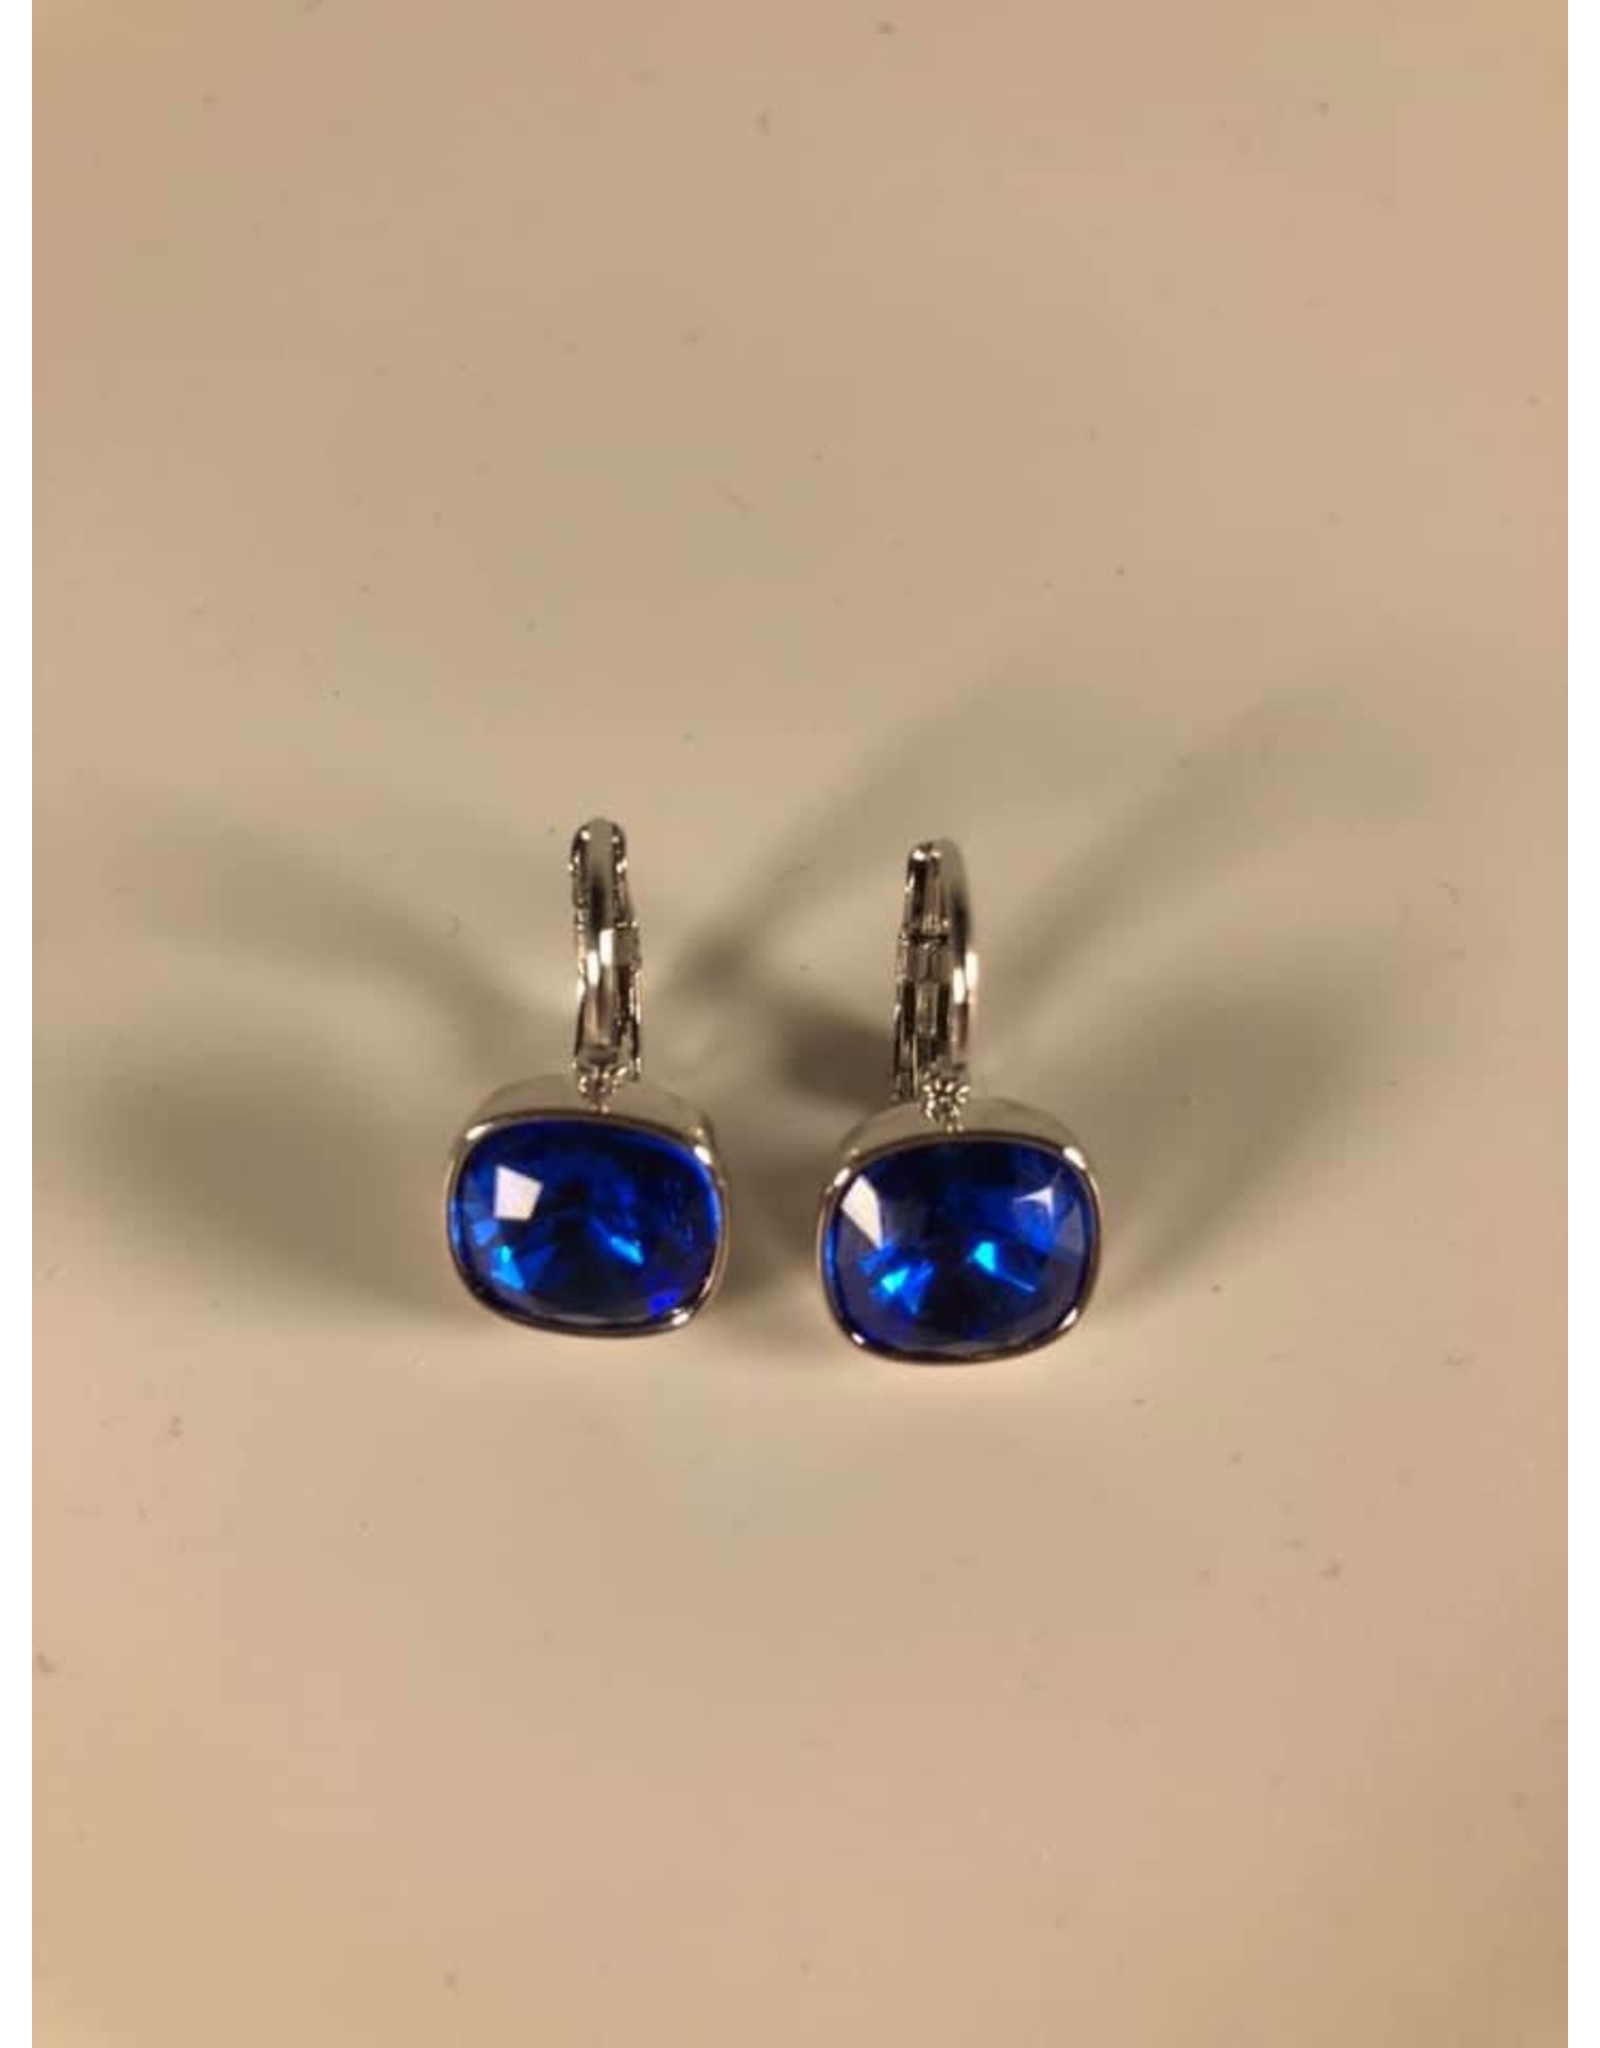 Bohm Boucles d'oreilles argentées bleu foncé